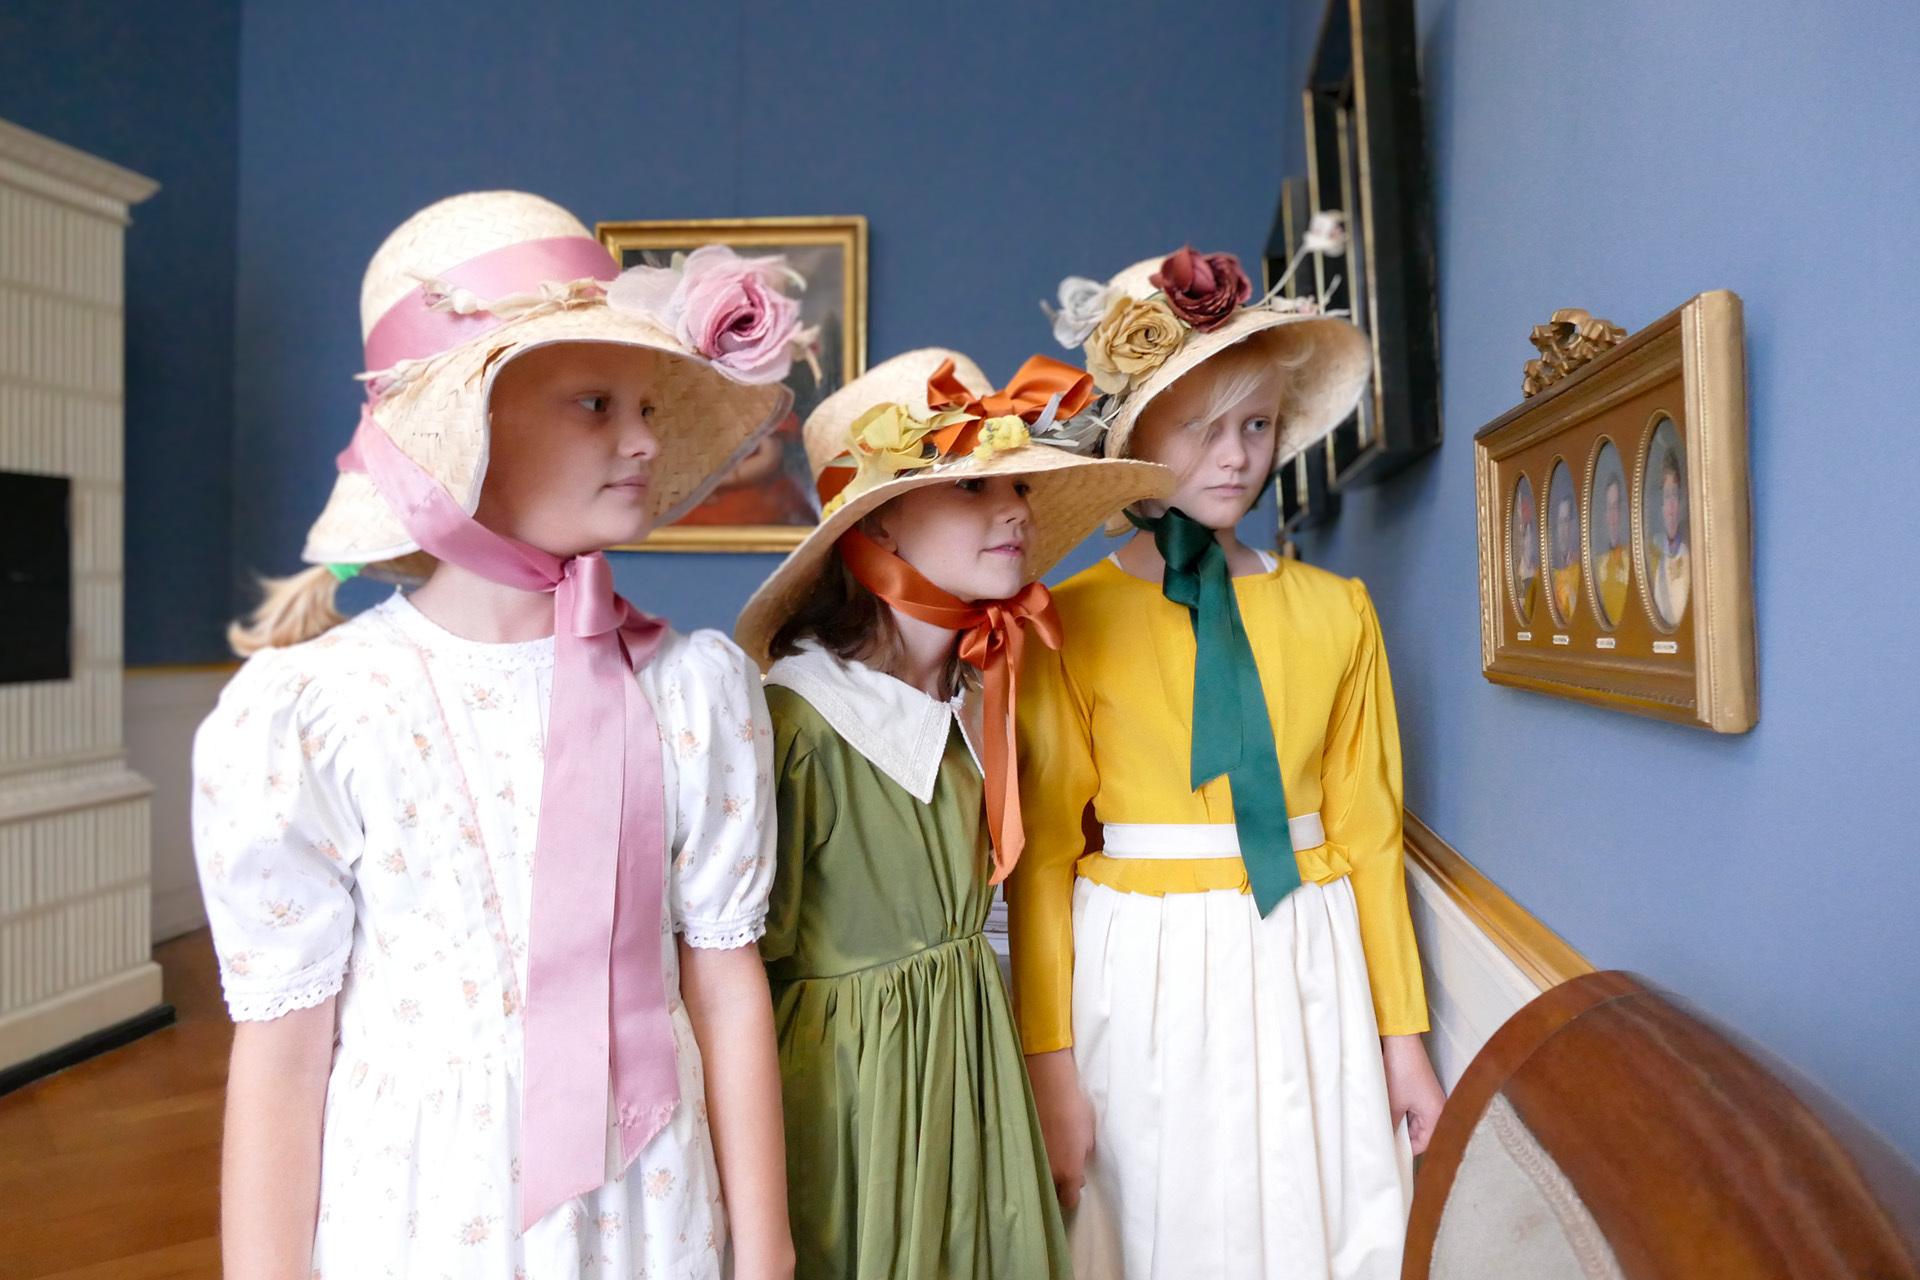 Gruppe von Mädchen in historischen Kostümen